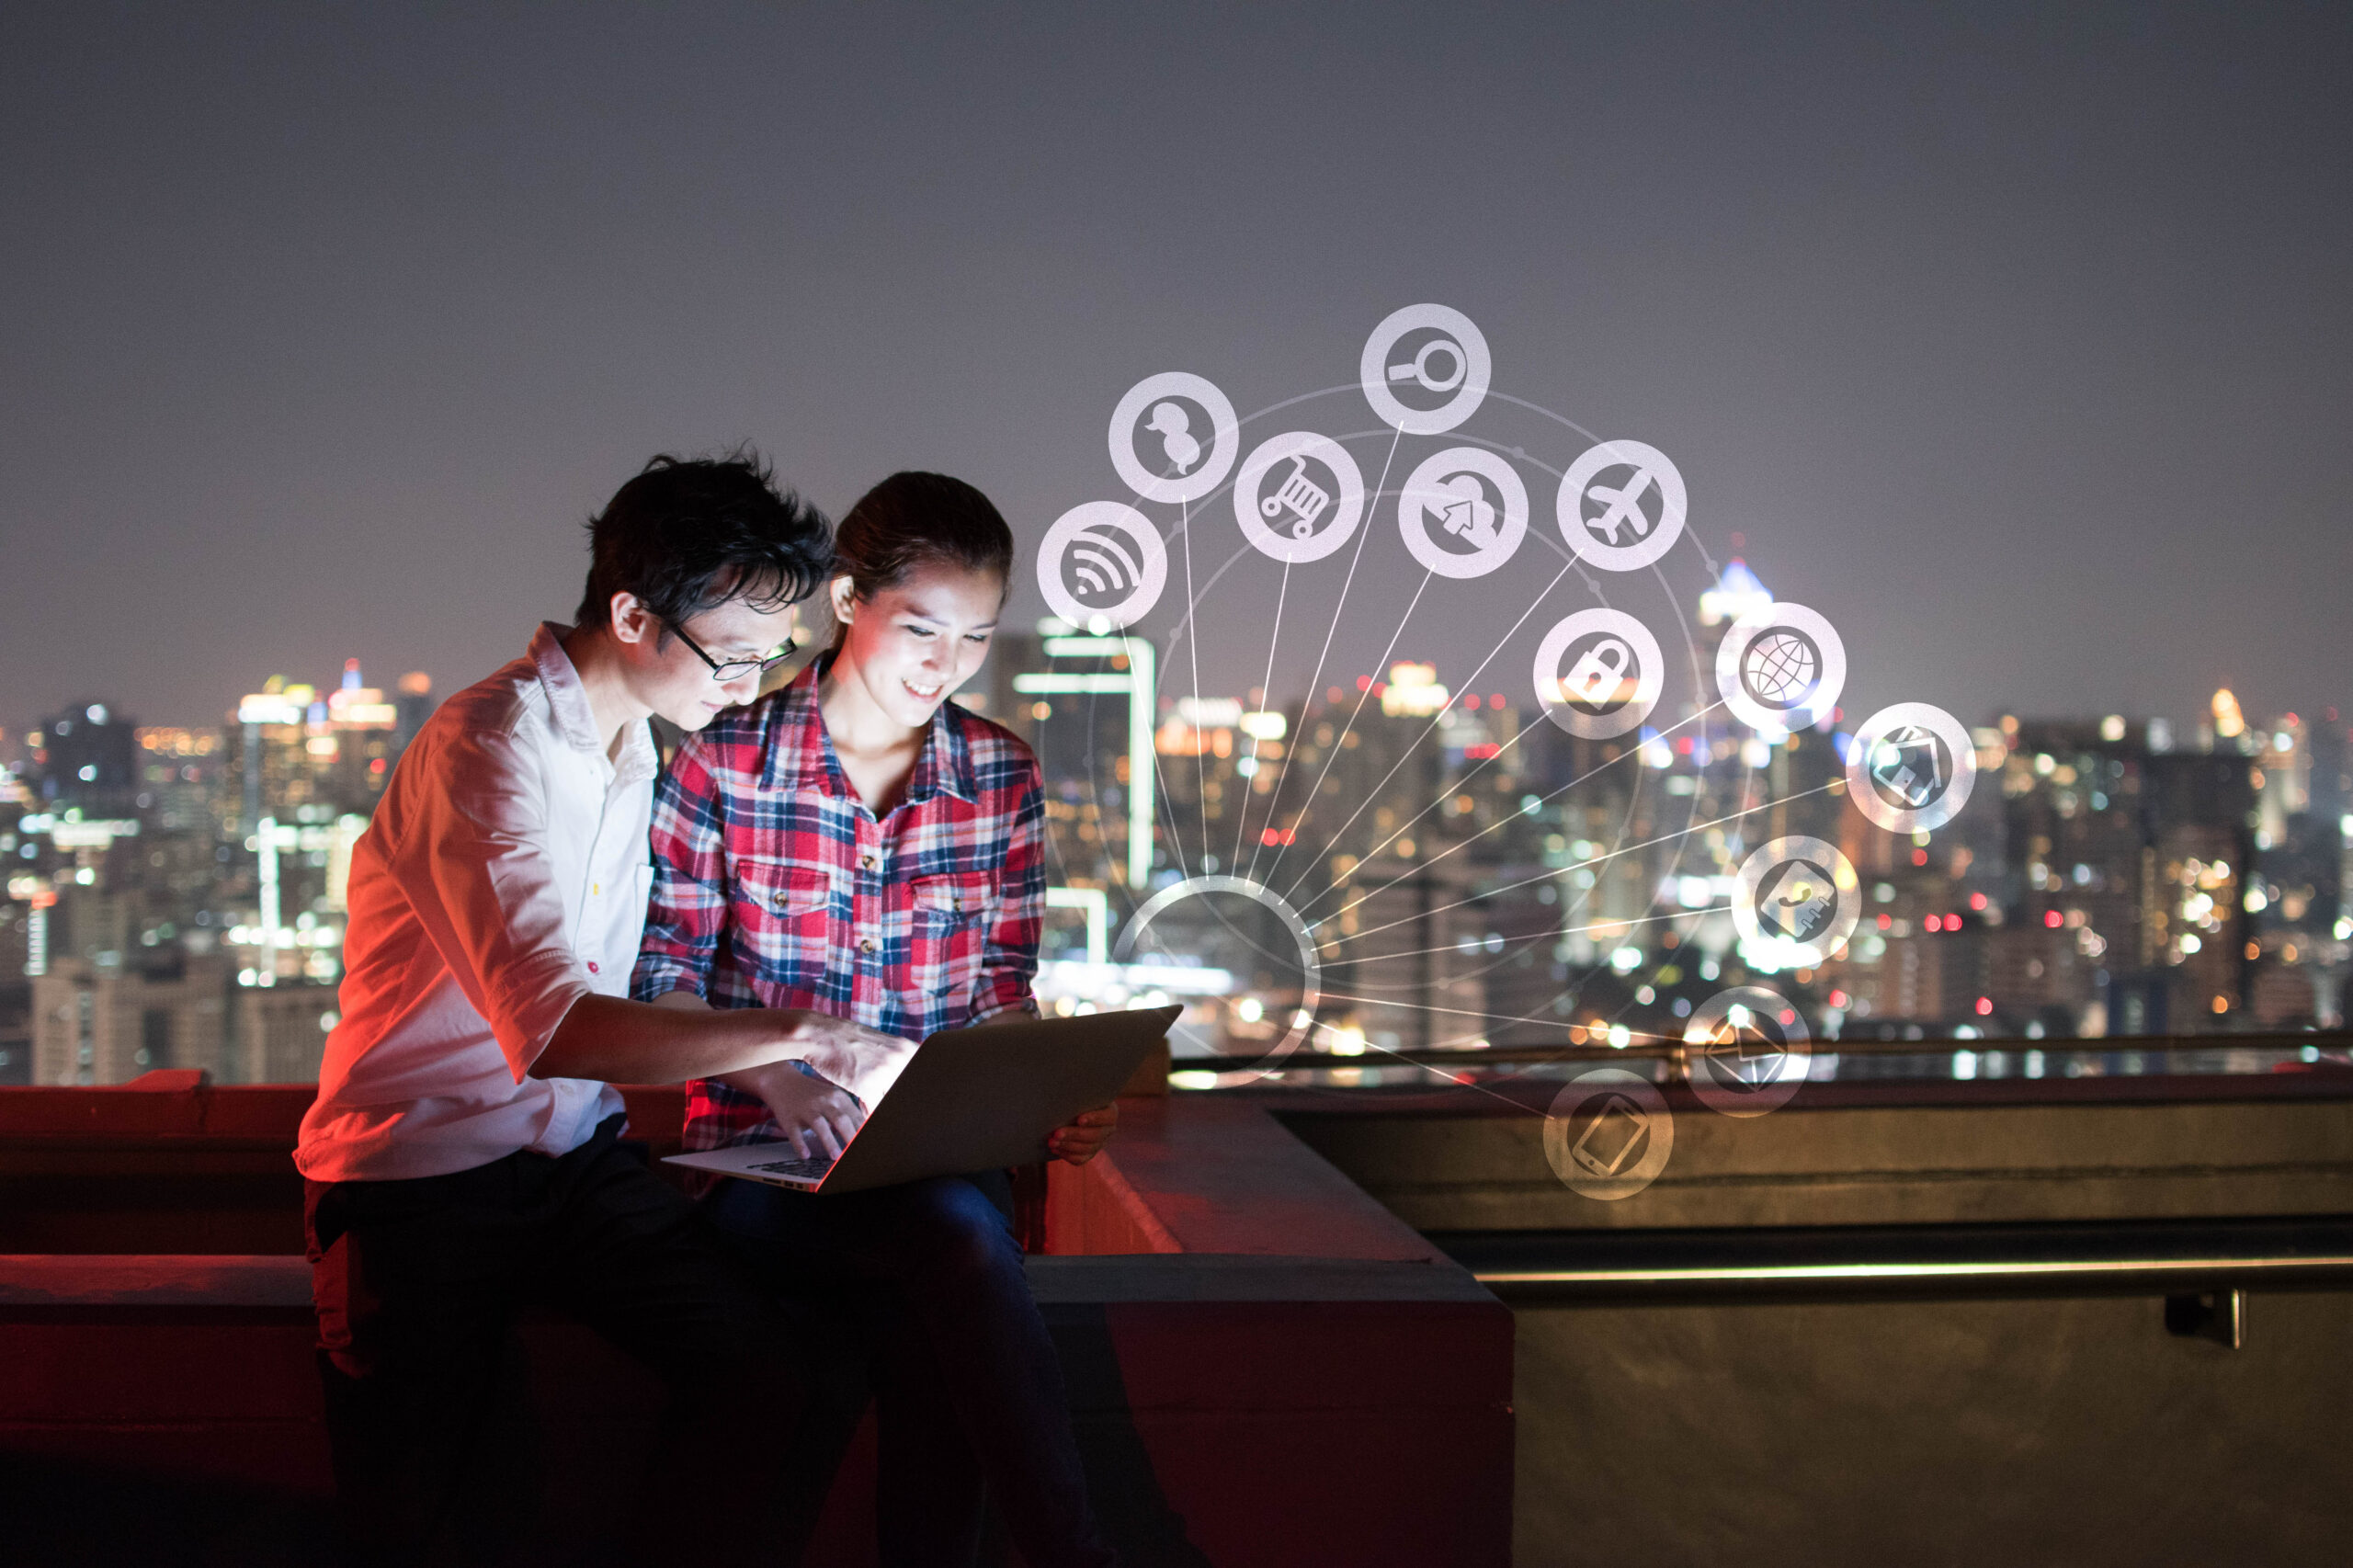 « L'IoT rentre dans sa phase de rationalisation »